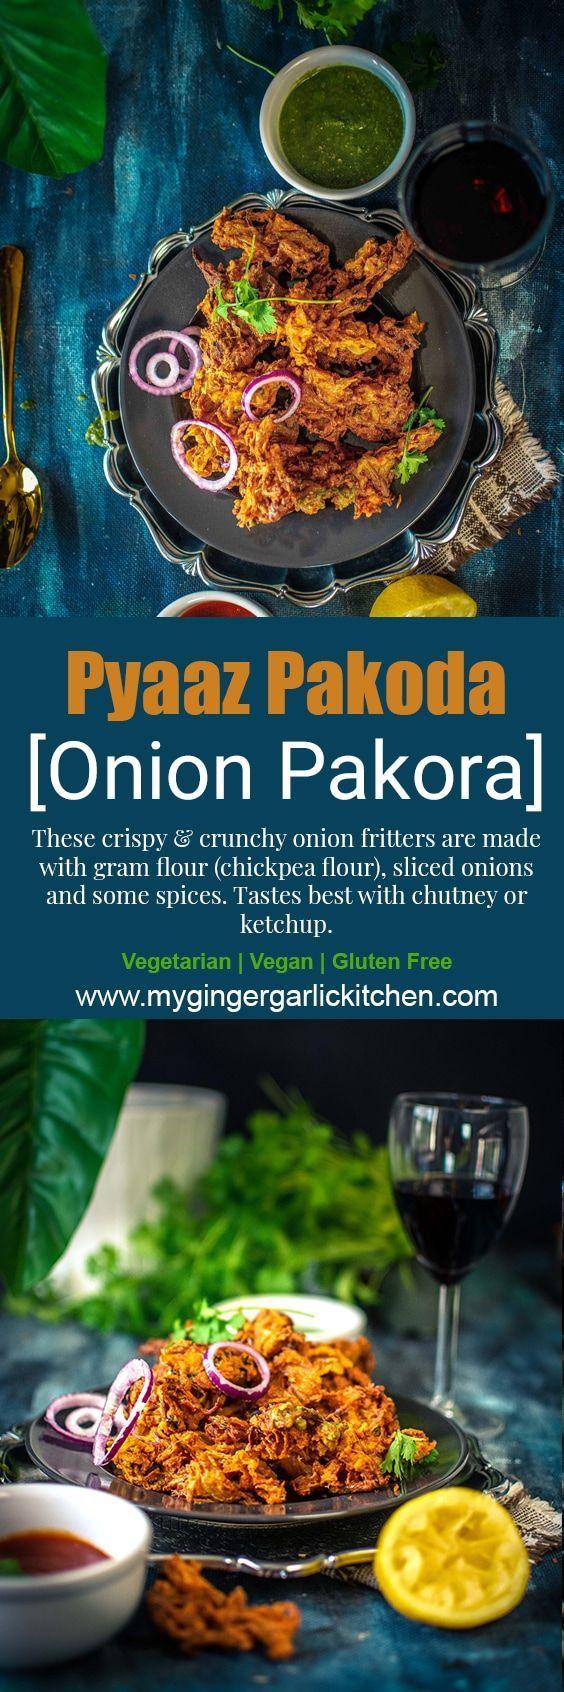 Pyaaz Pakoda - Onion Pakora - Onion Fritters   Recipe ...